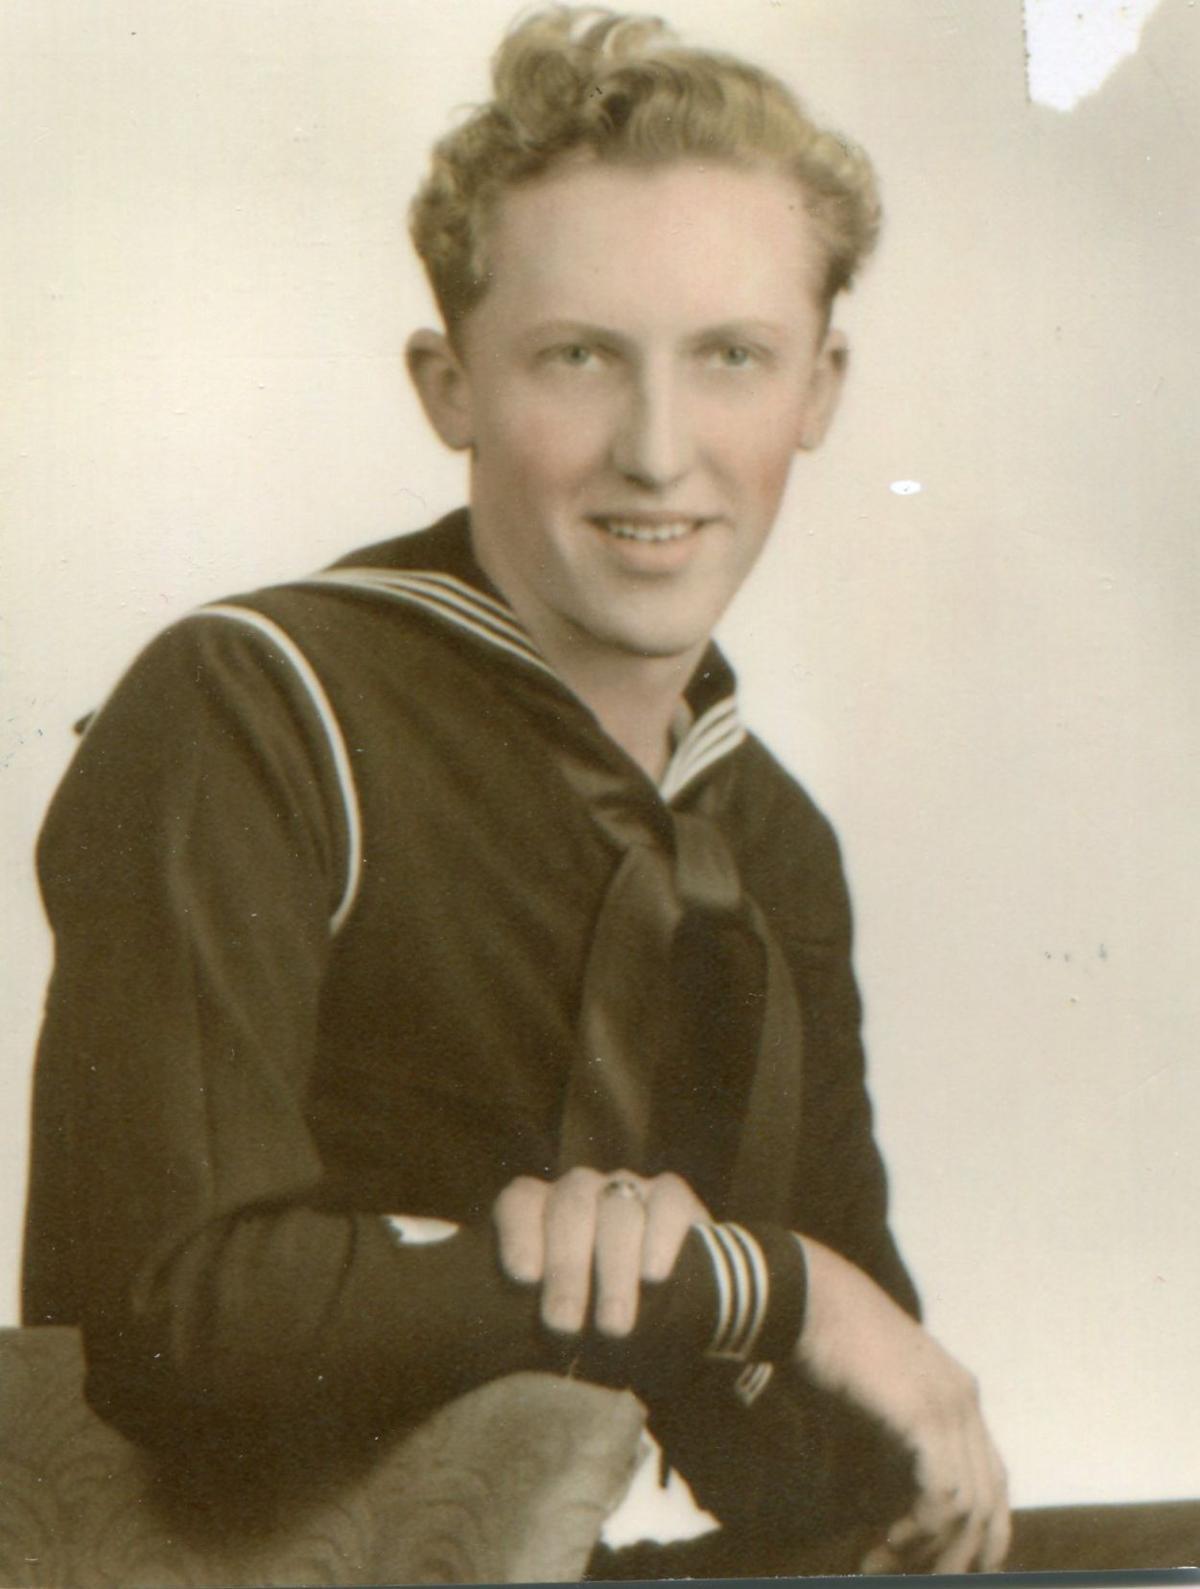 Joe Ferrang WWII